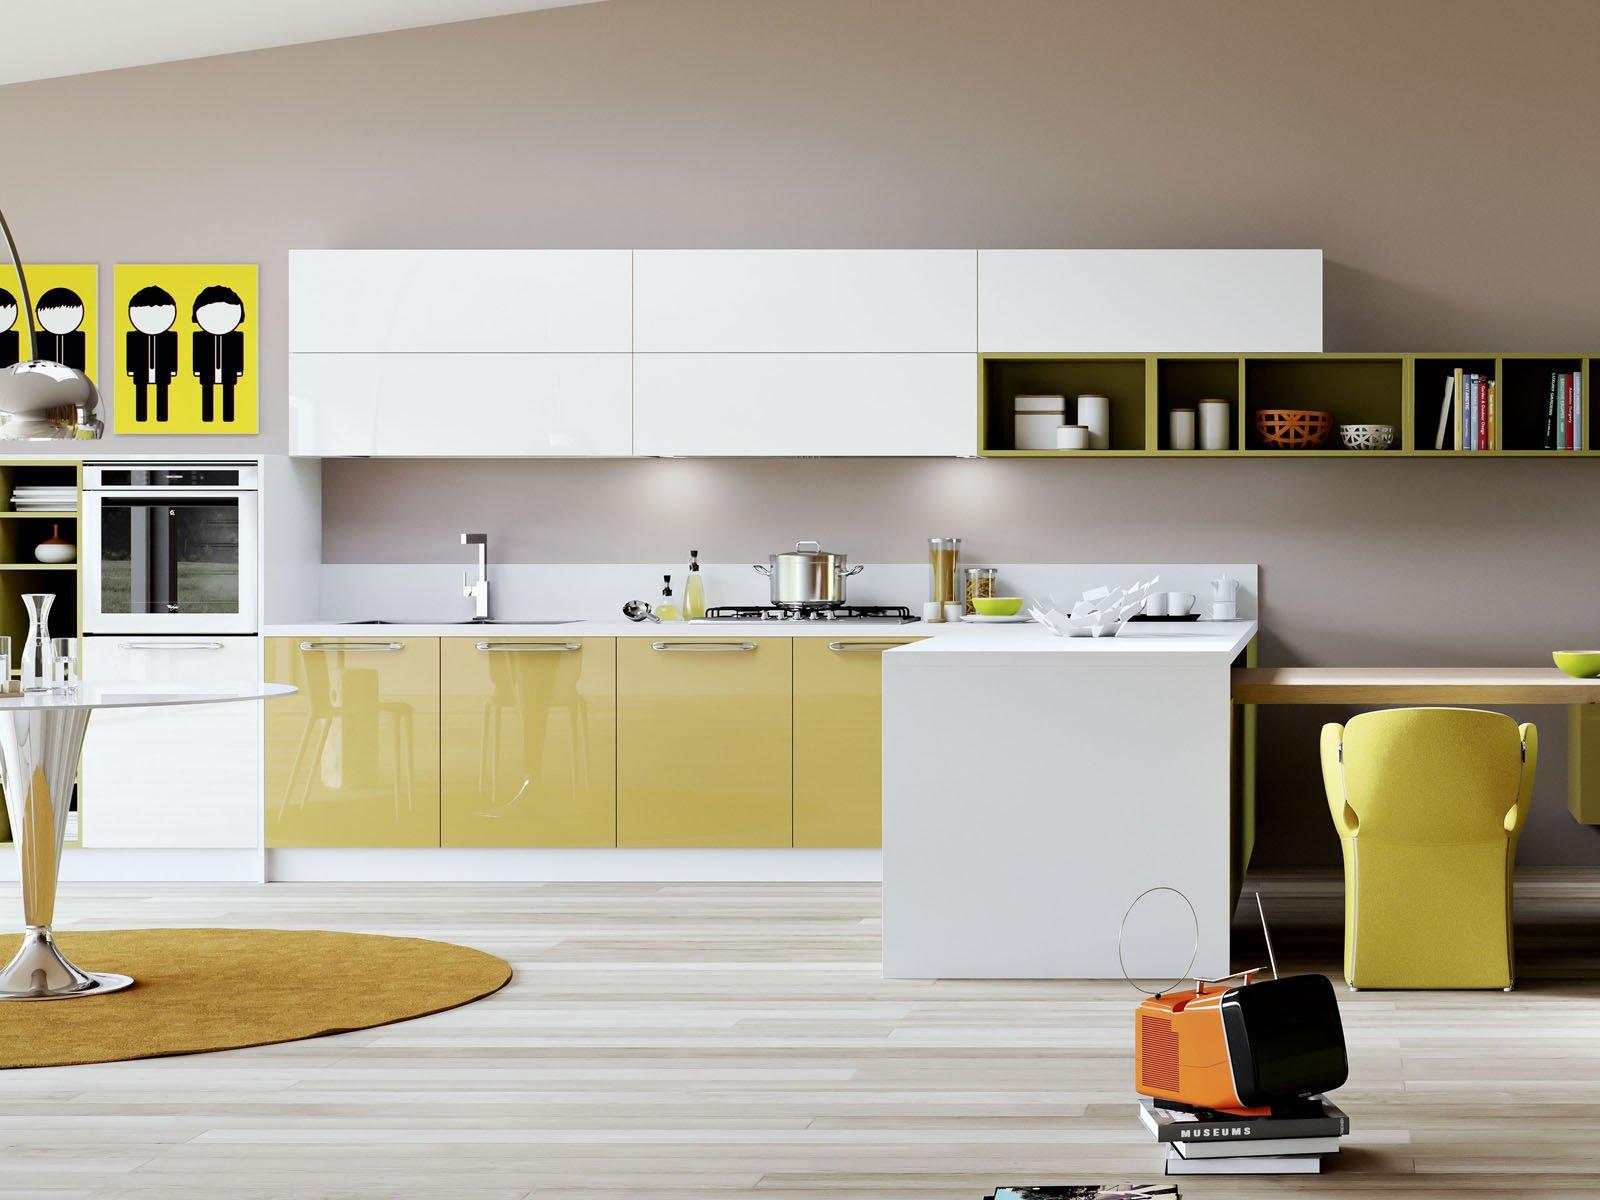 Casa moderna roma italy arredare cucina e soggiorno in 30 mq - Cucina e soggiorno in 30 mq ...